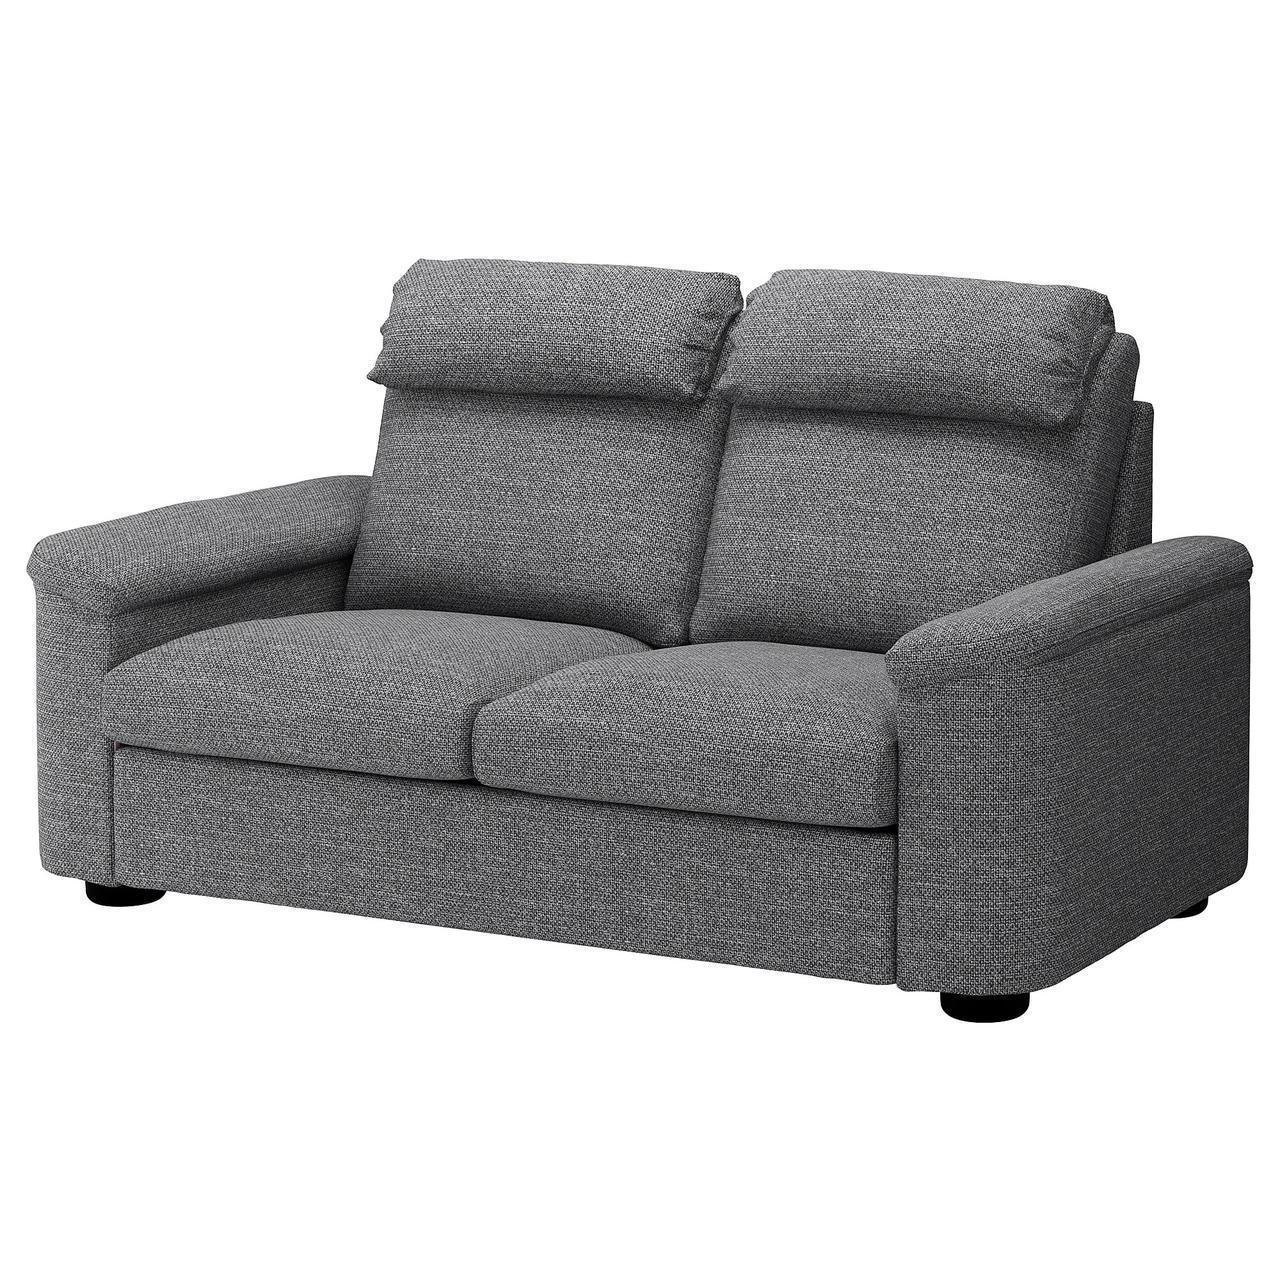 Диван IKEA LIDHULT 2-местный Lejde серый 792.569.17